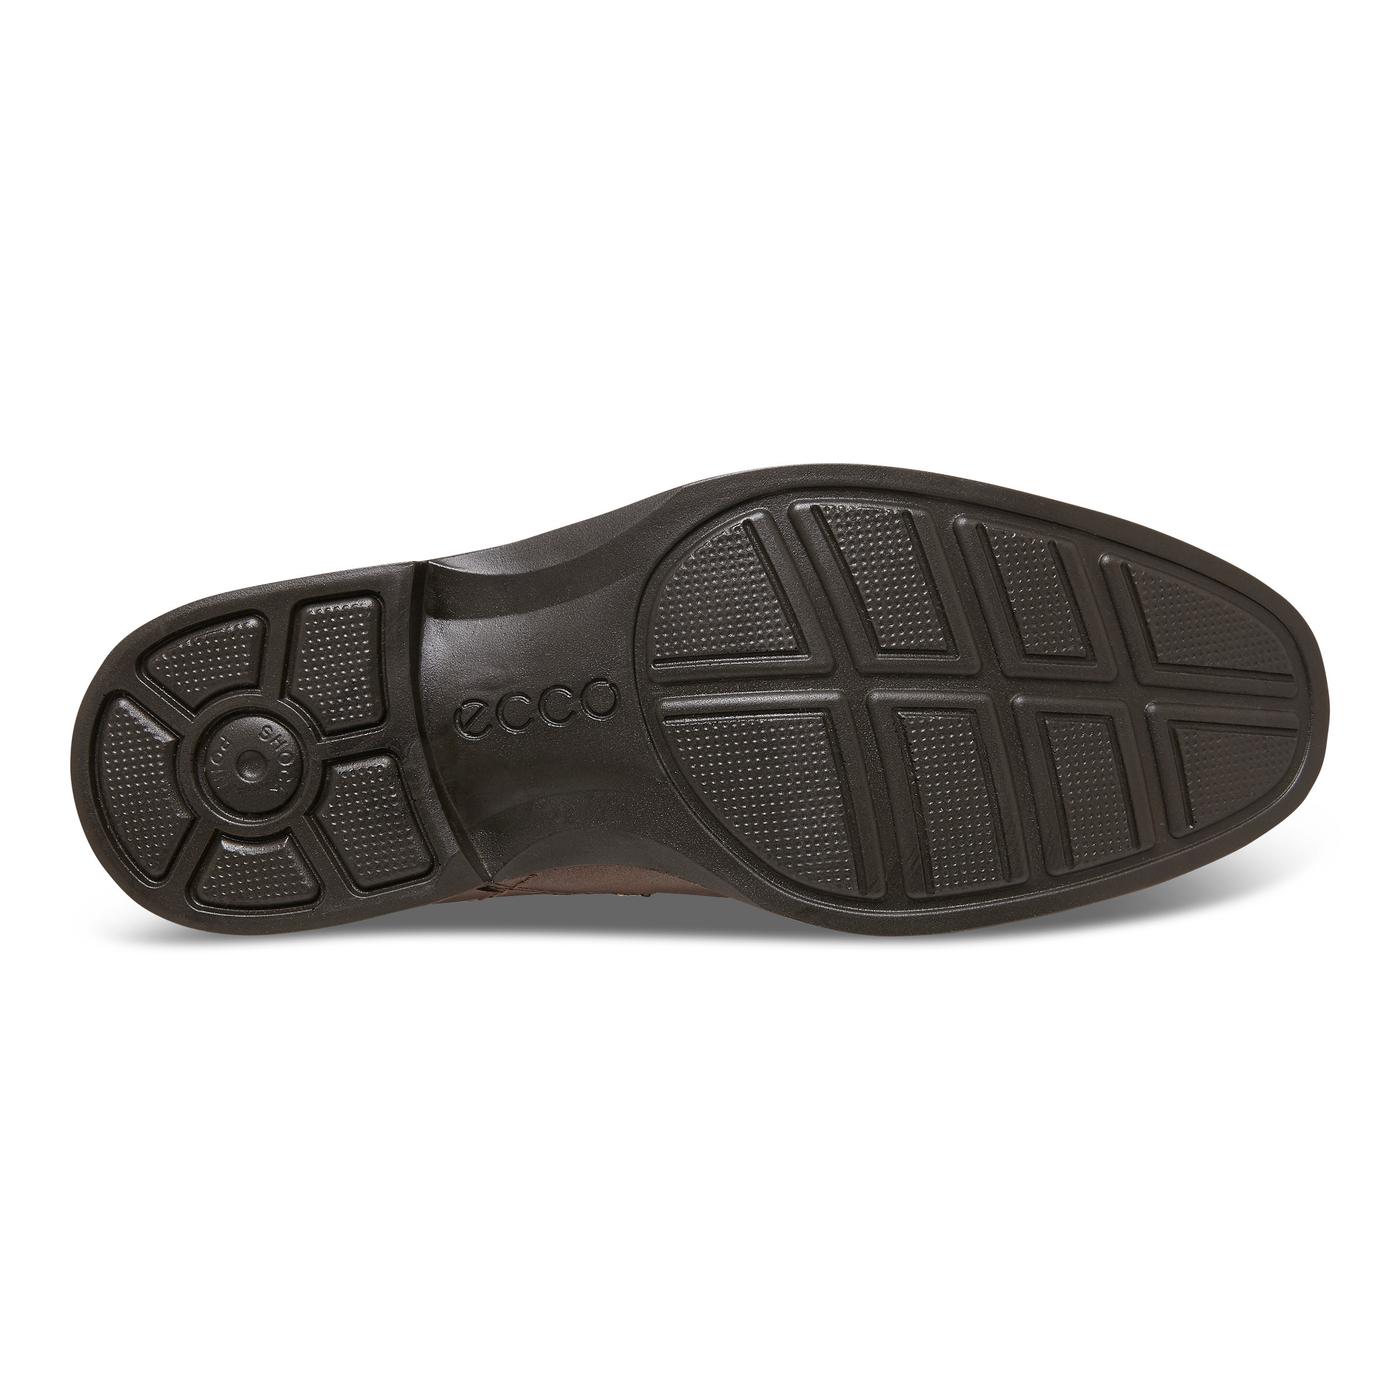 ECCO Biarritz Chelsea Boot